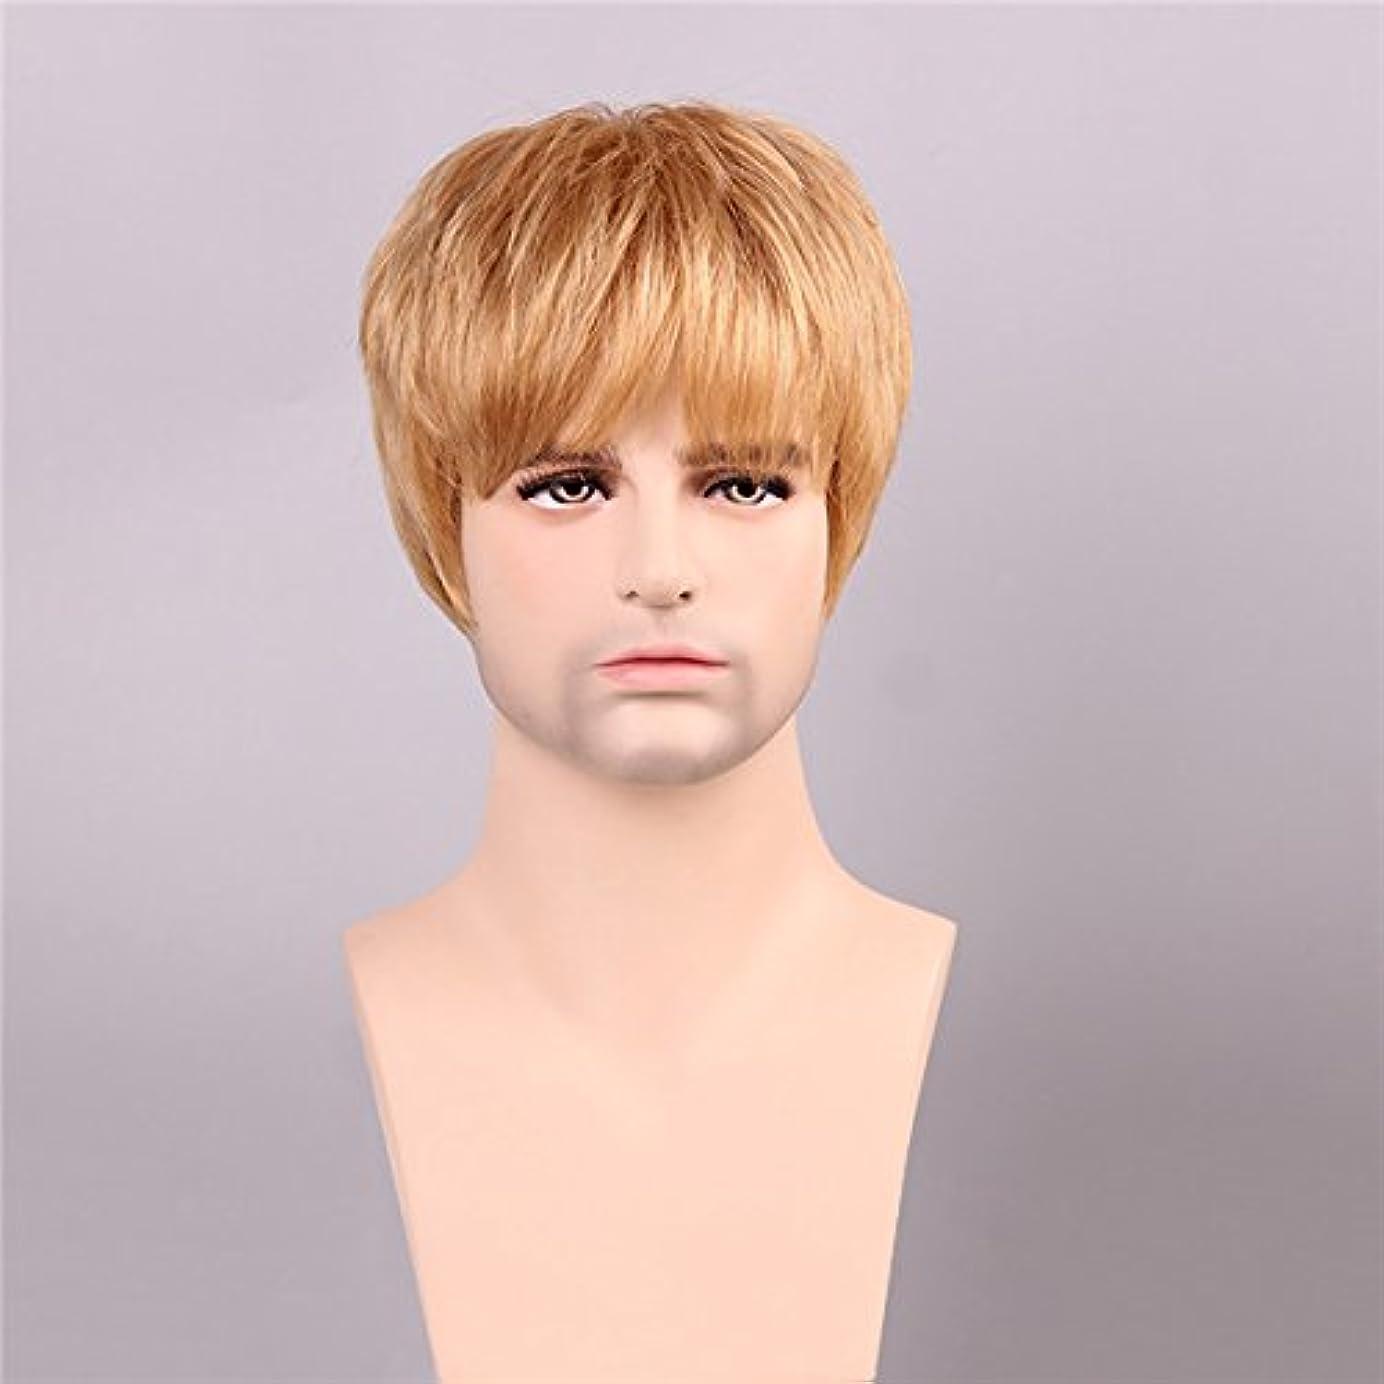 ストッキング感謝嫌悪YZUEYT 男性の人間の髪のウィッグゴールデンブラウンブロンドショートモノラルトップ男性男性レミーCapless YZUEYT (Size : One size)